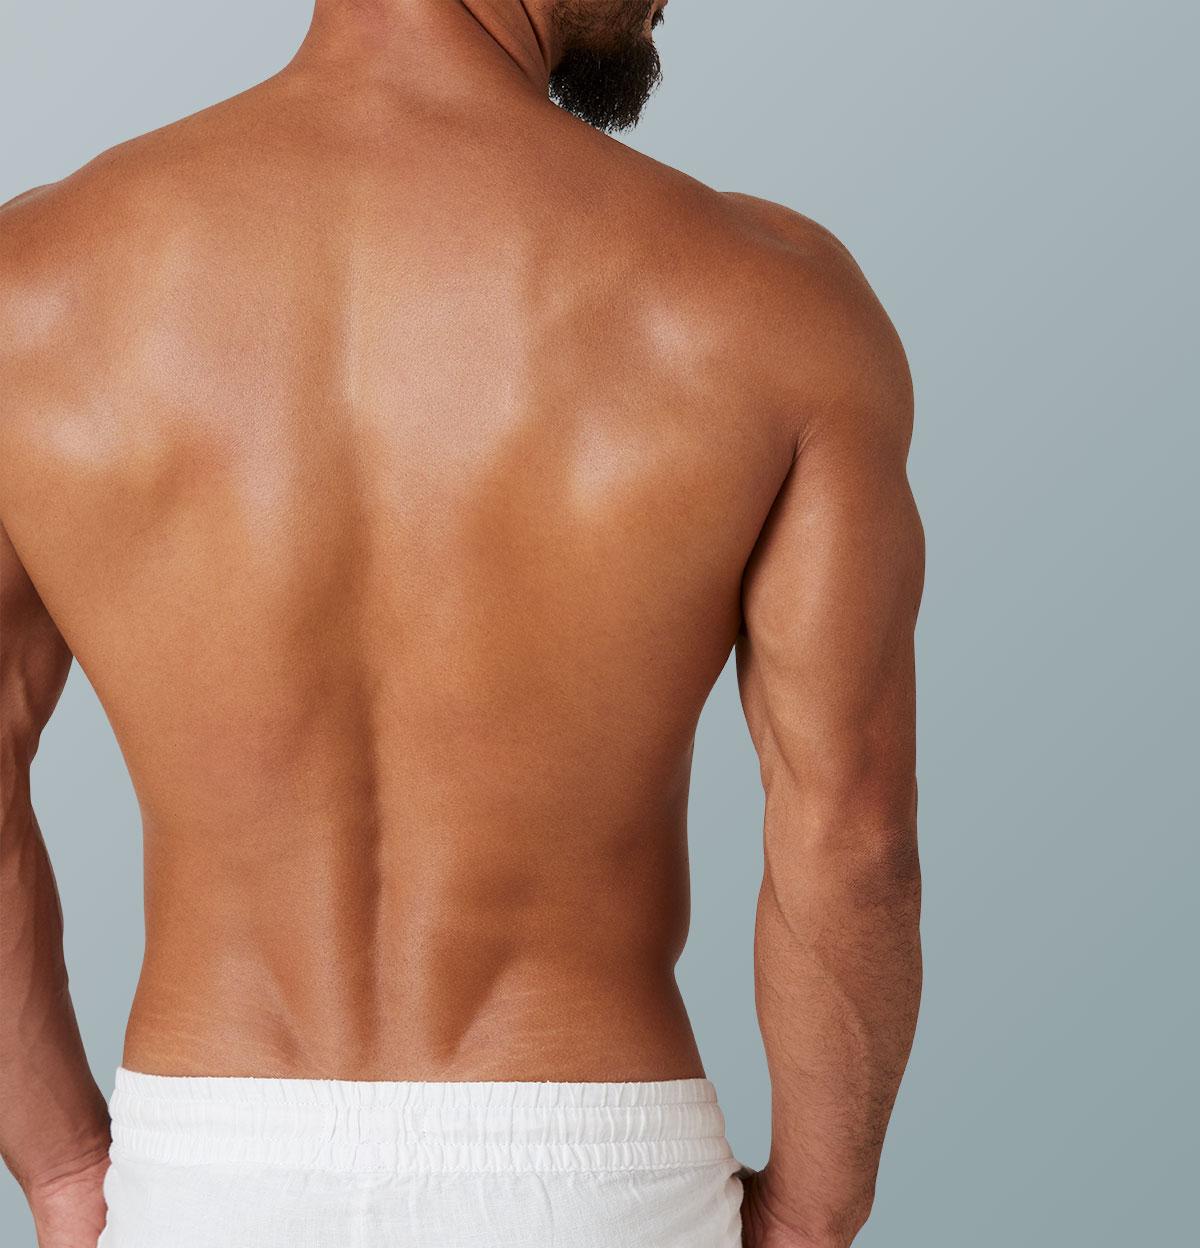 Rücken und Arm eines muskulösen Arms